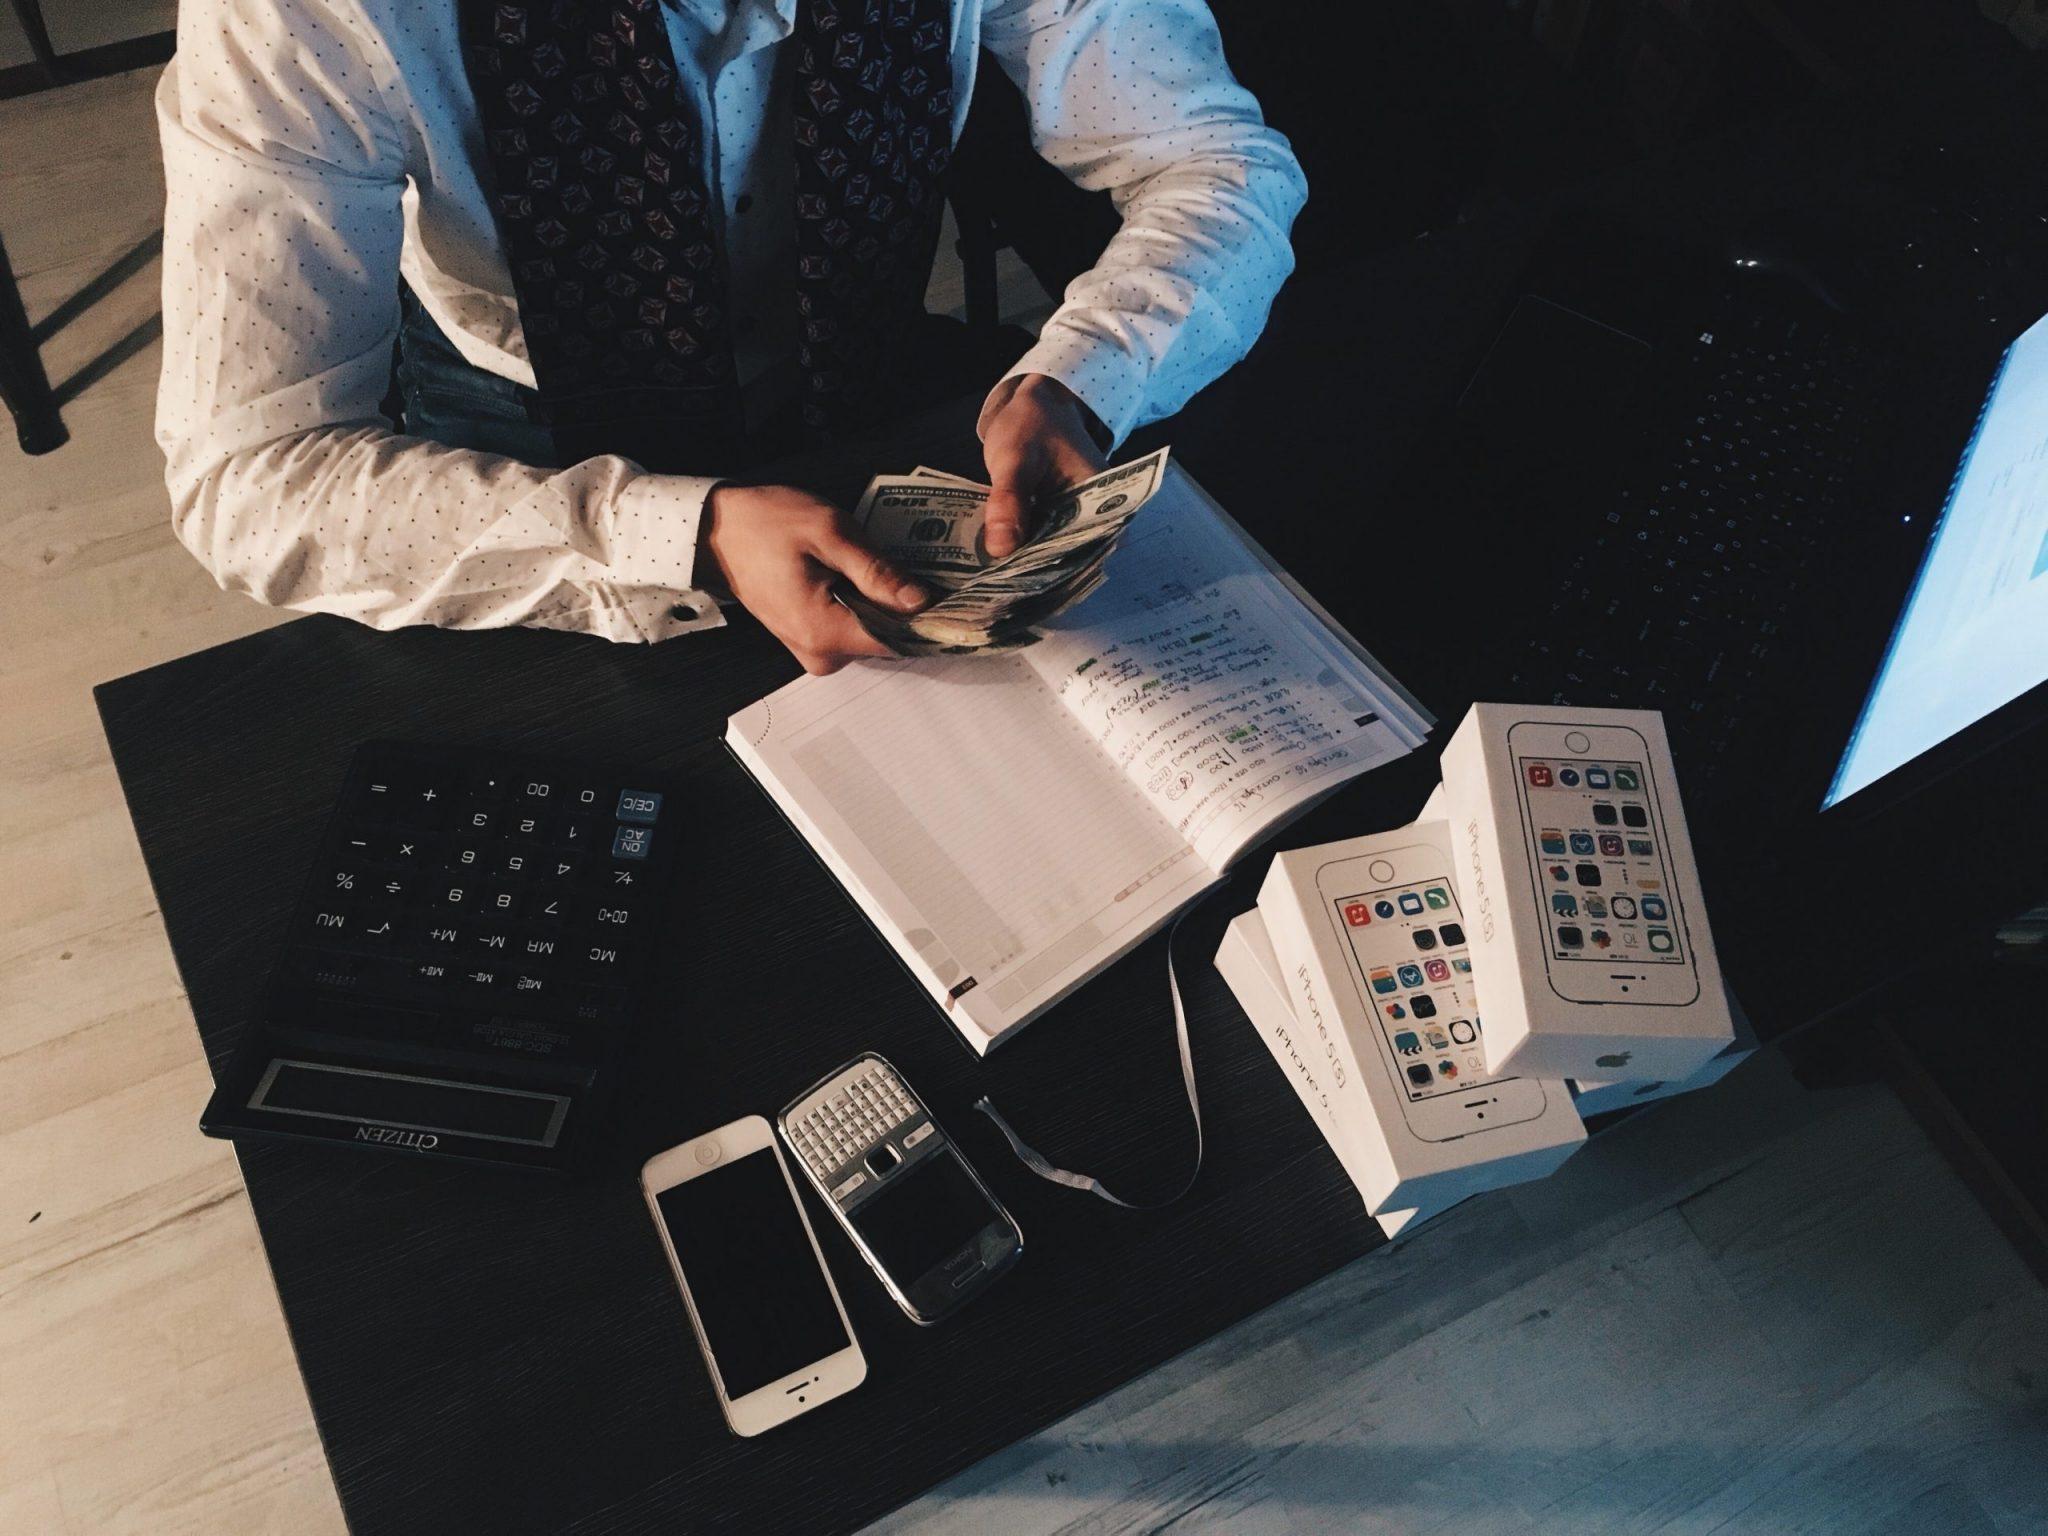 Recibos podem ser utilizados para maior controle financeiro.